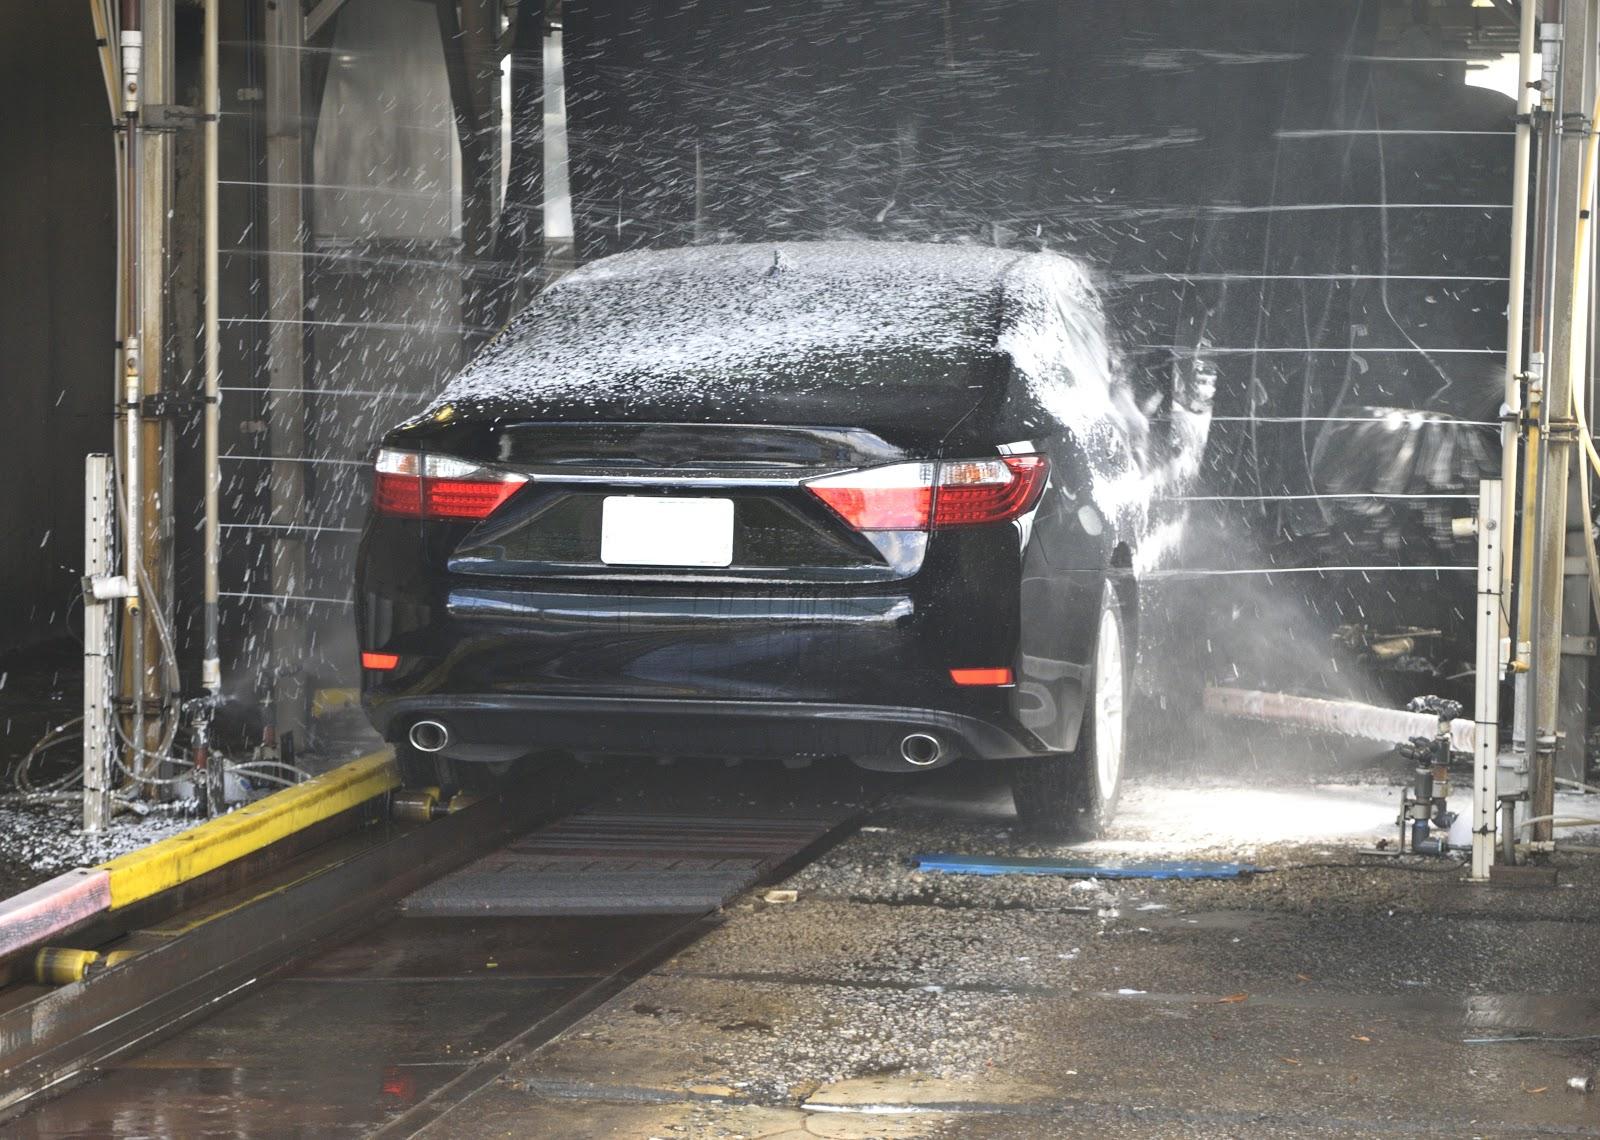 car-wash-2179231 (1).jpg